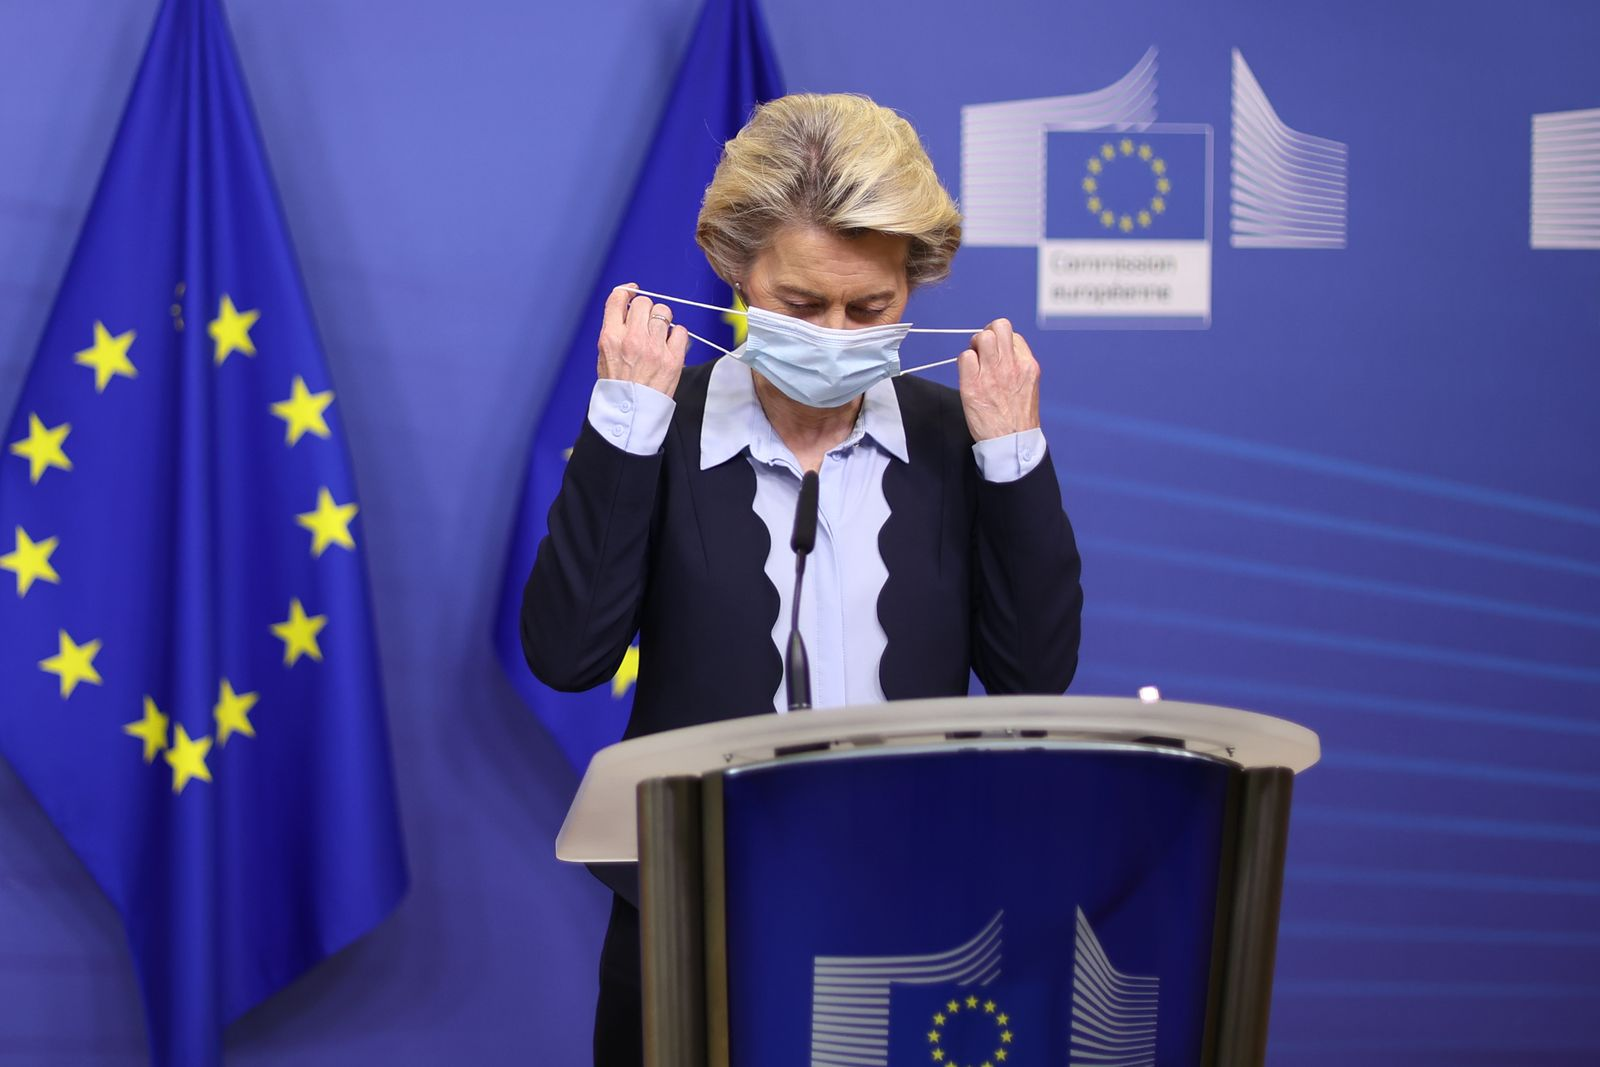 European Commission president Ursula von der Leyen press conference, Brussels, Belgium - 16 Nov 2020